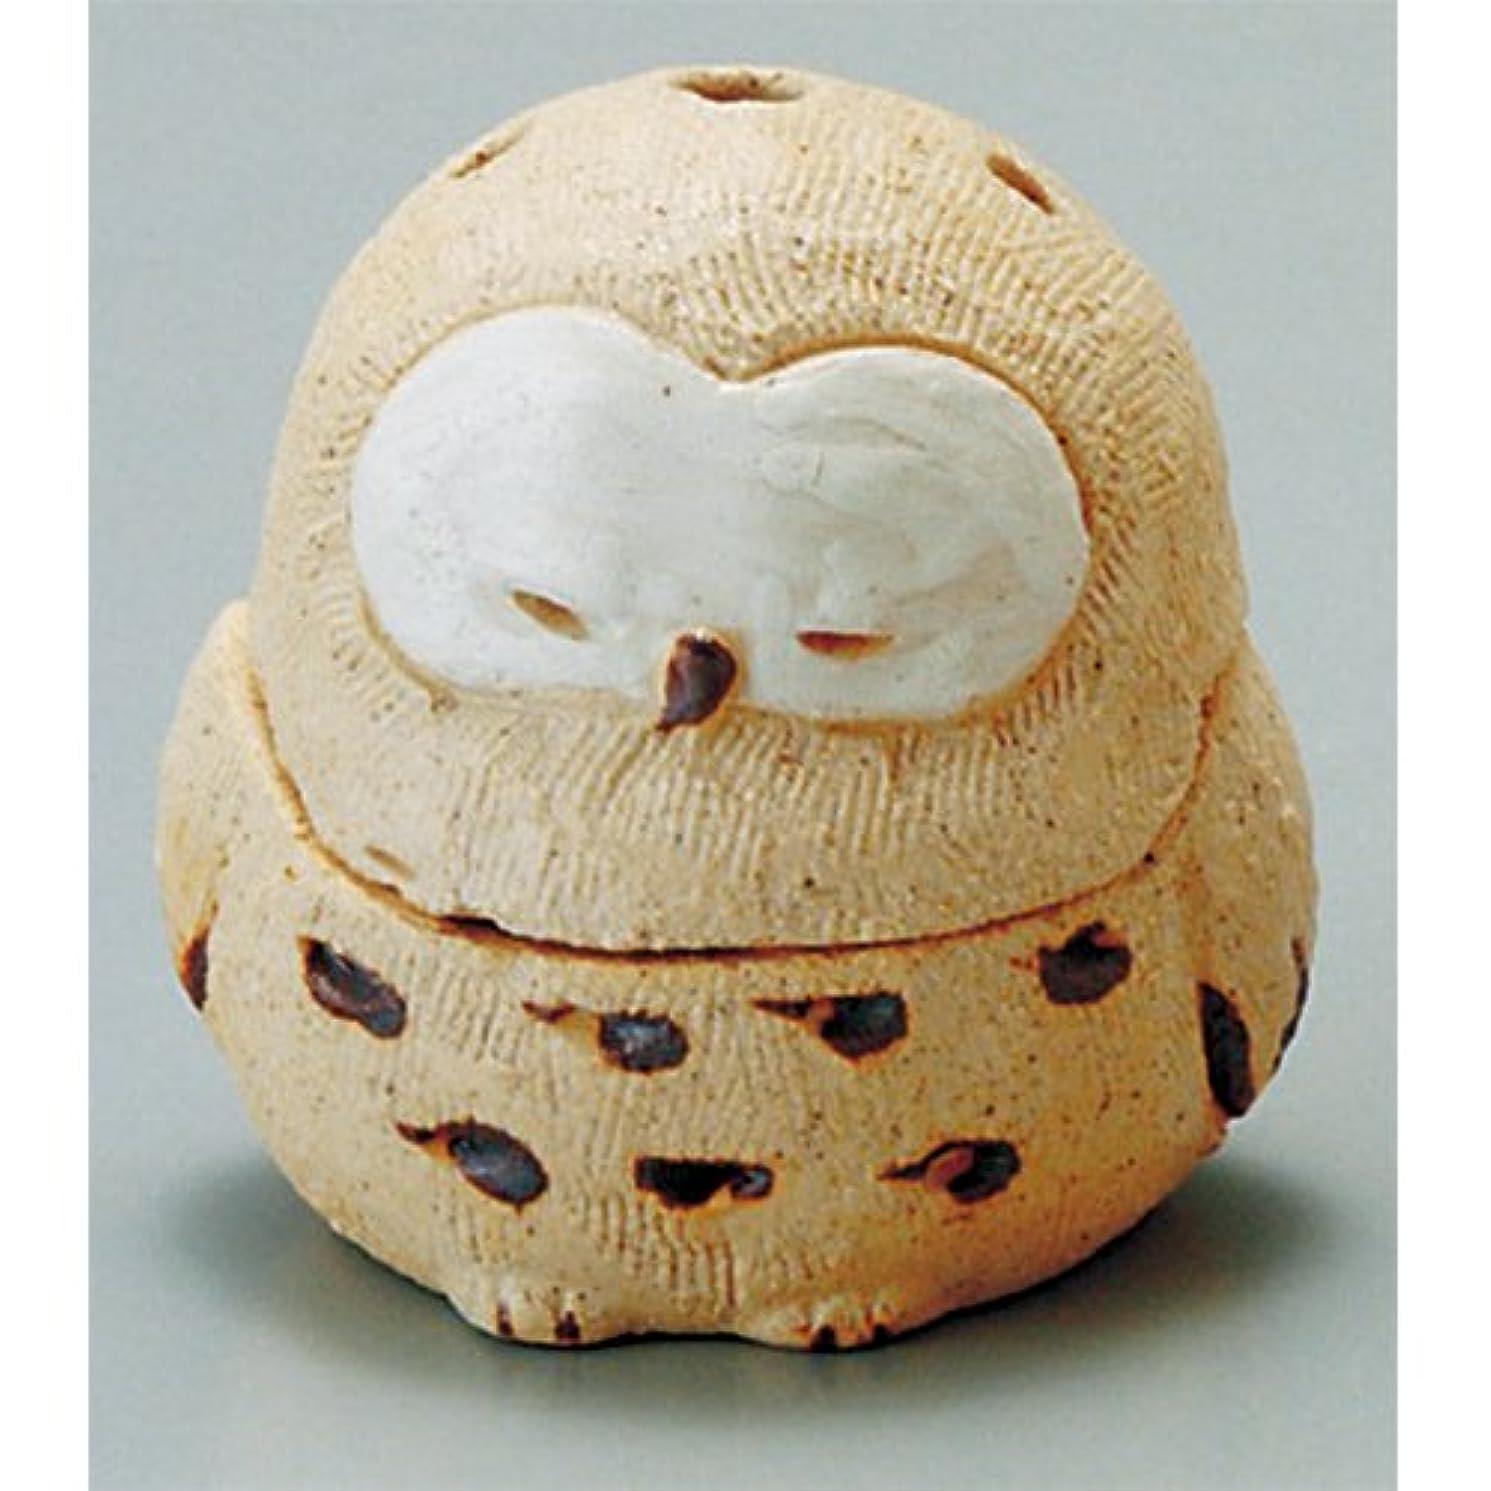 上へ下向き夜明けに香炉 蔵ふくろう 香炉(大) [H10.5cm] HANDMADE プレゼント ギフト 和食器 かわいい インテリア